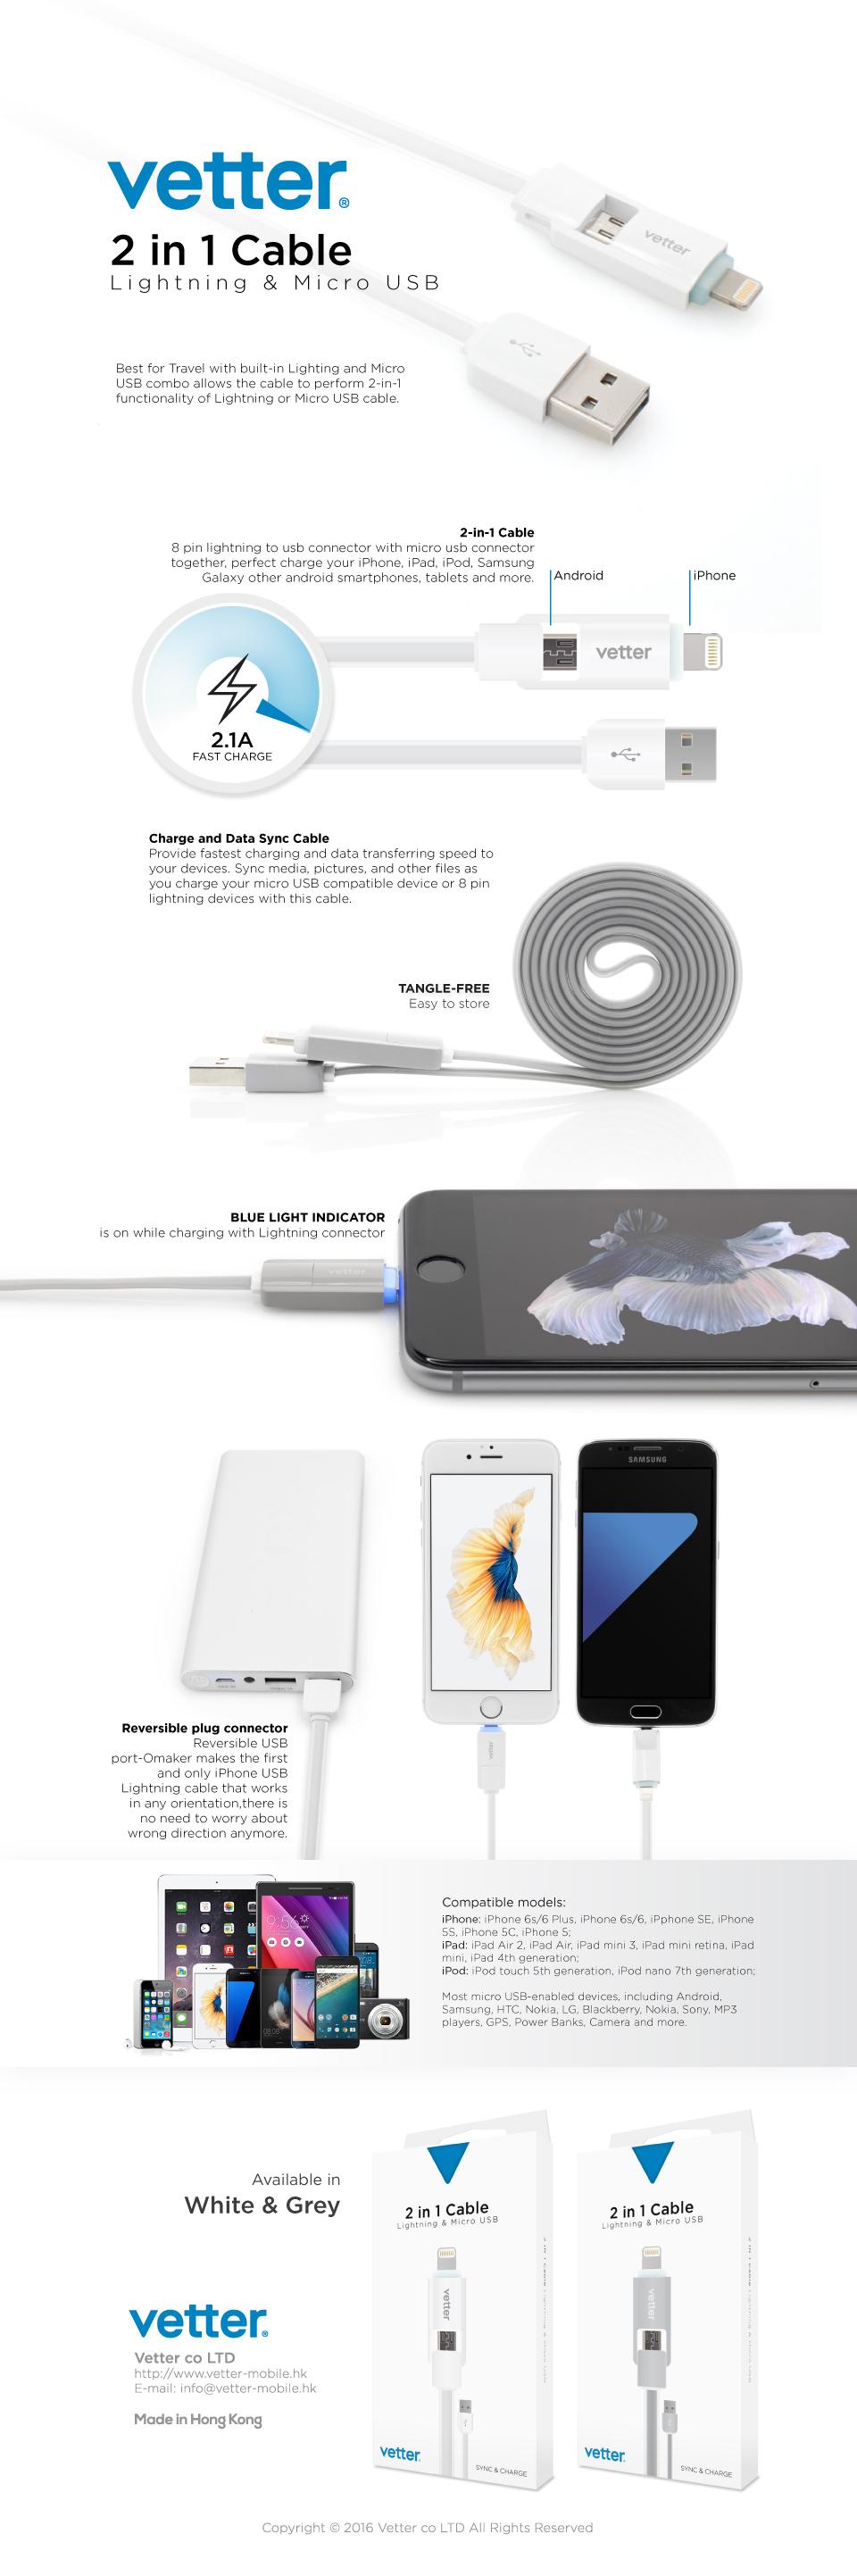 [20160519]_Prezentare-2in1-Cable-b.jpg